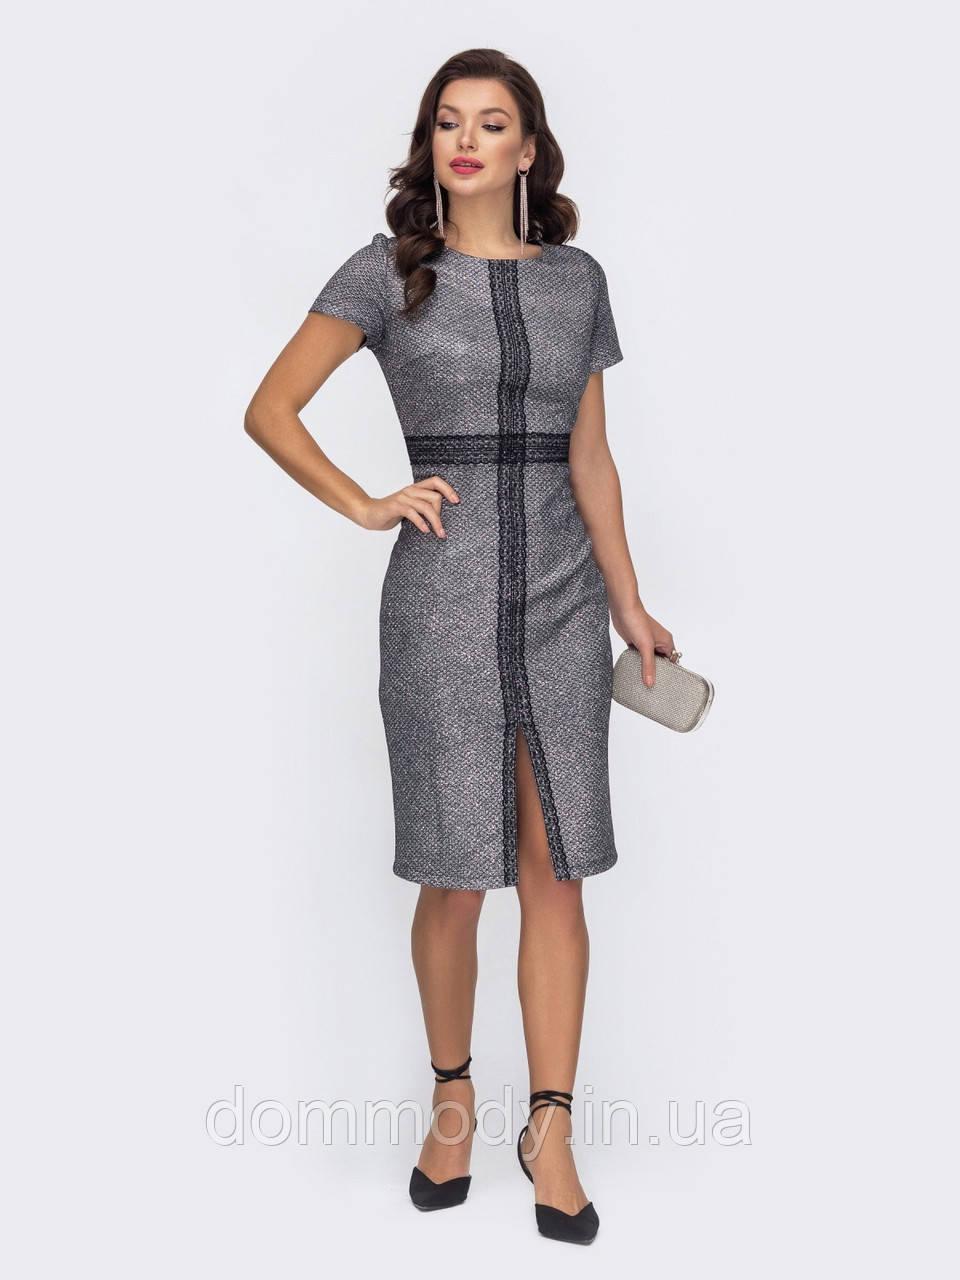 Платье женское Vivian lurex